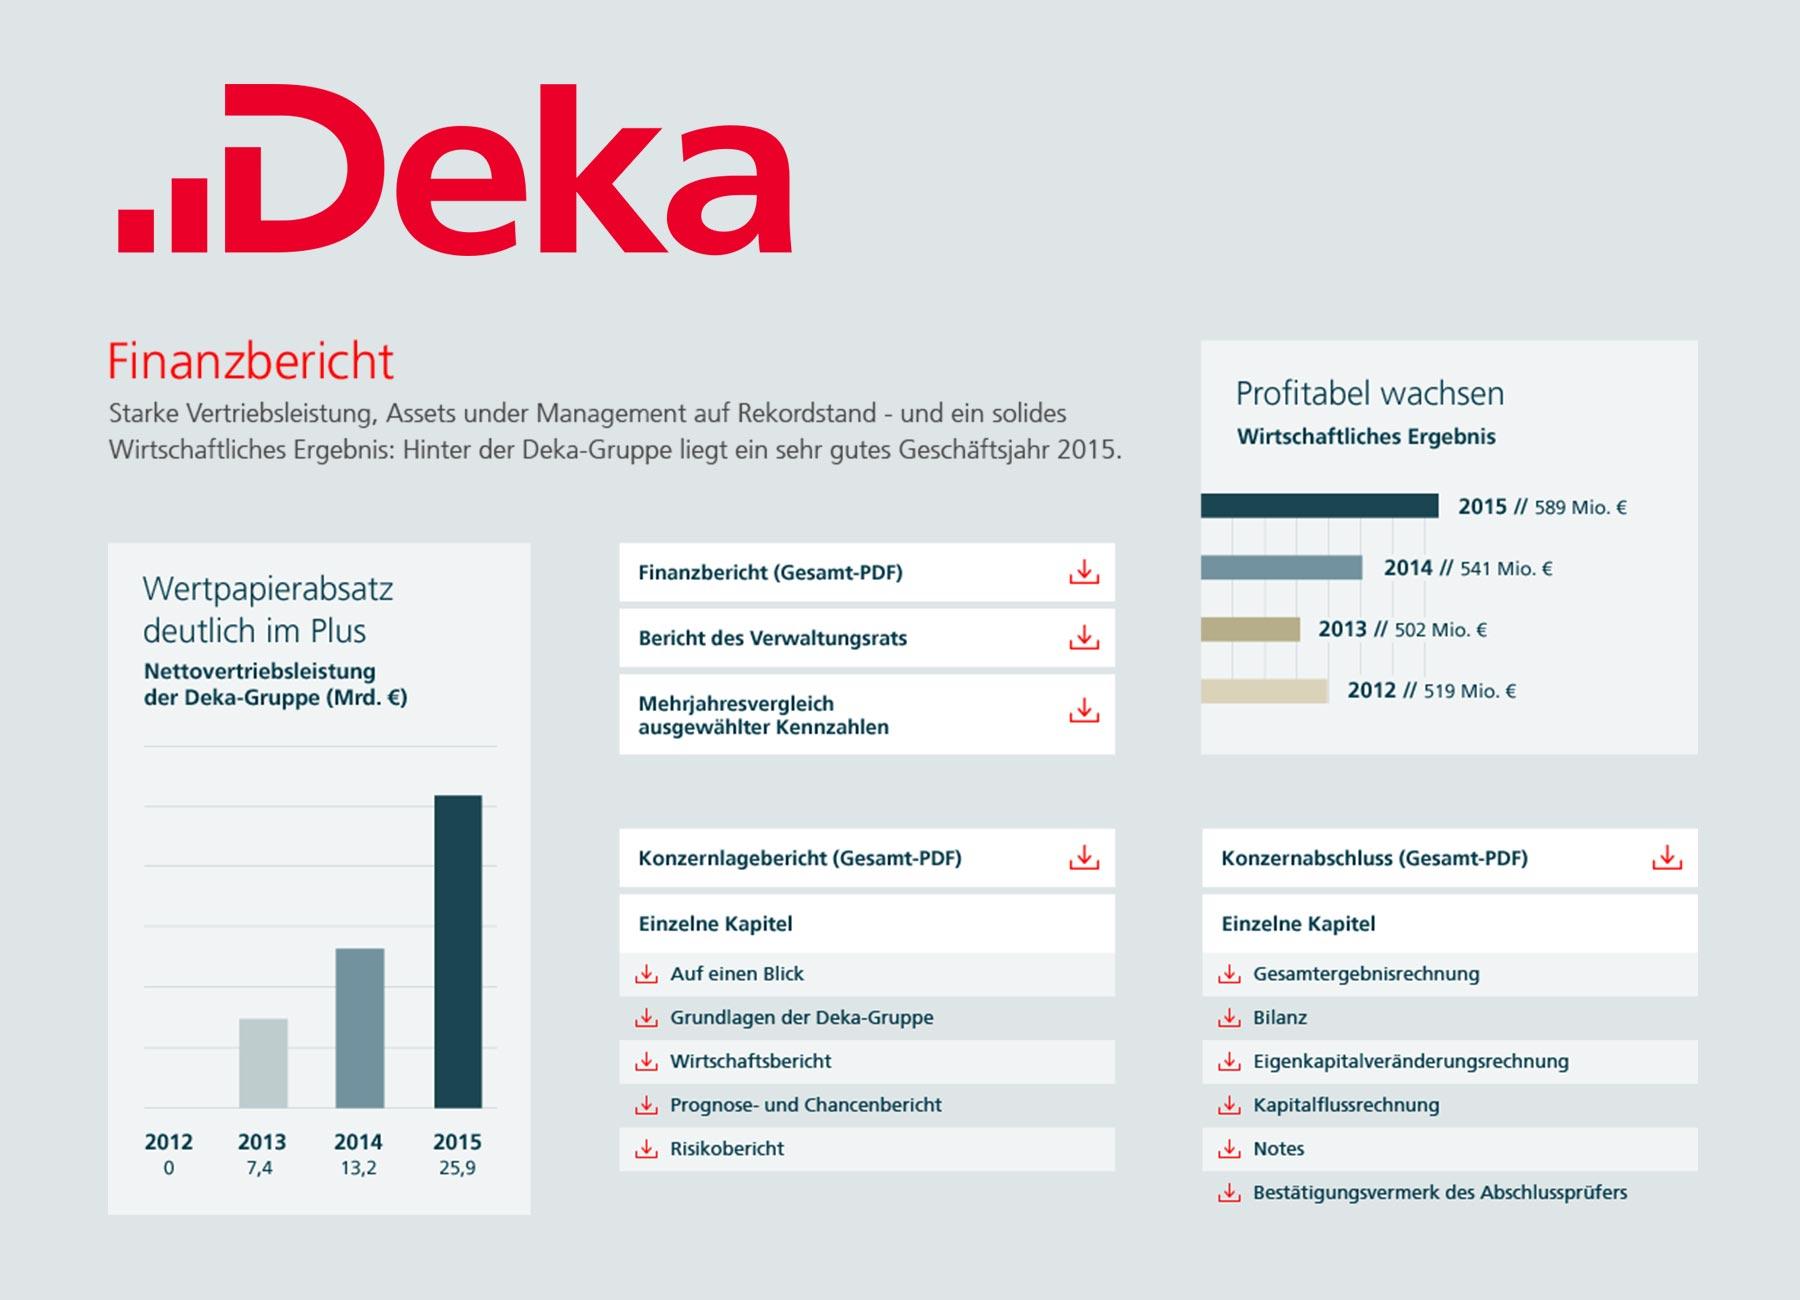 Deka Bank Online-Geschäftsbericht Finanzbericht